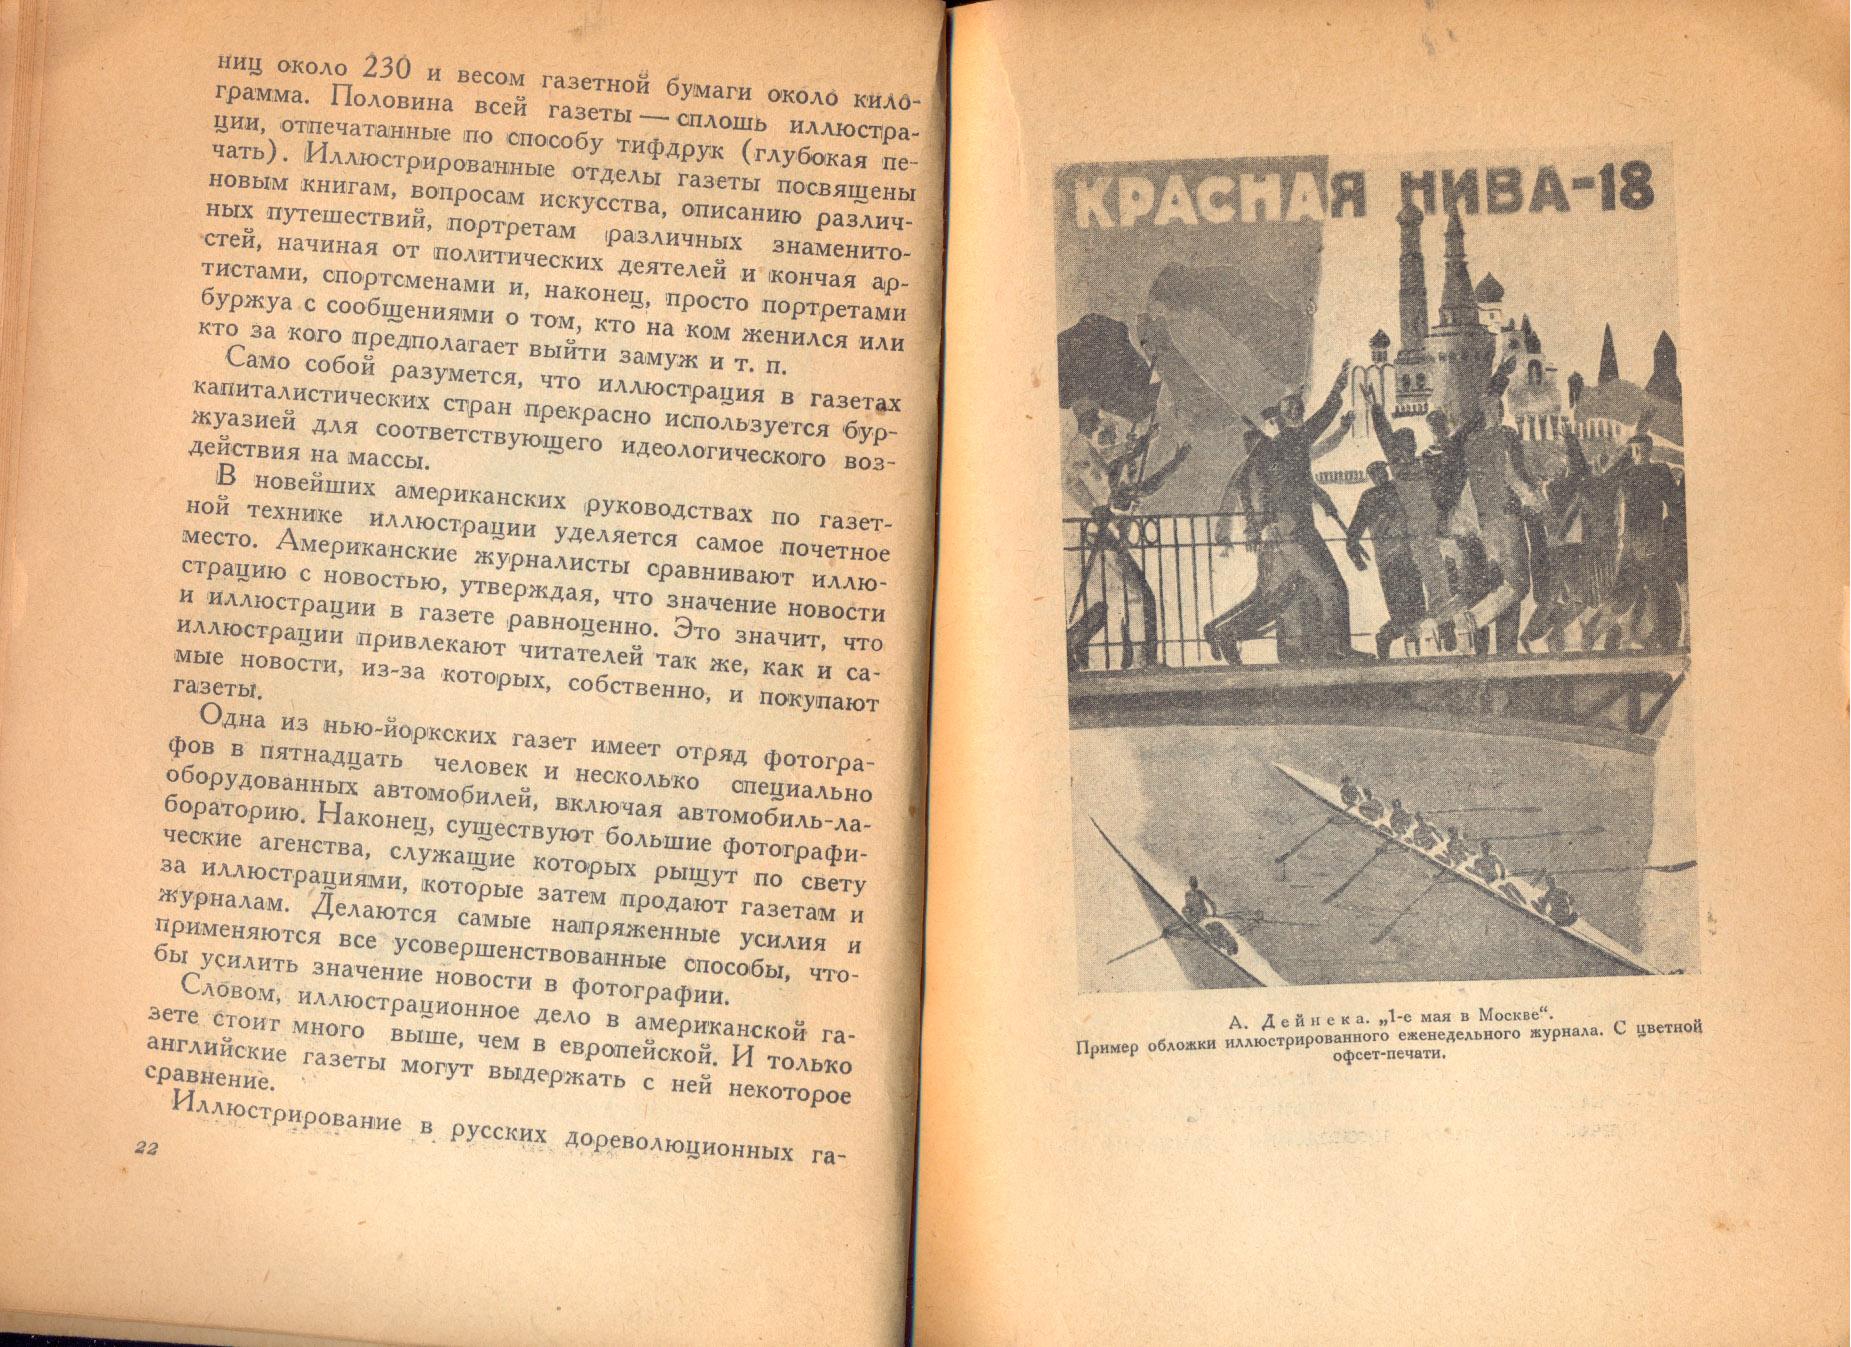 иллюстрация в книге 22.jpg